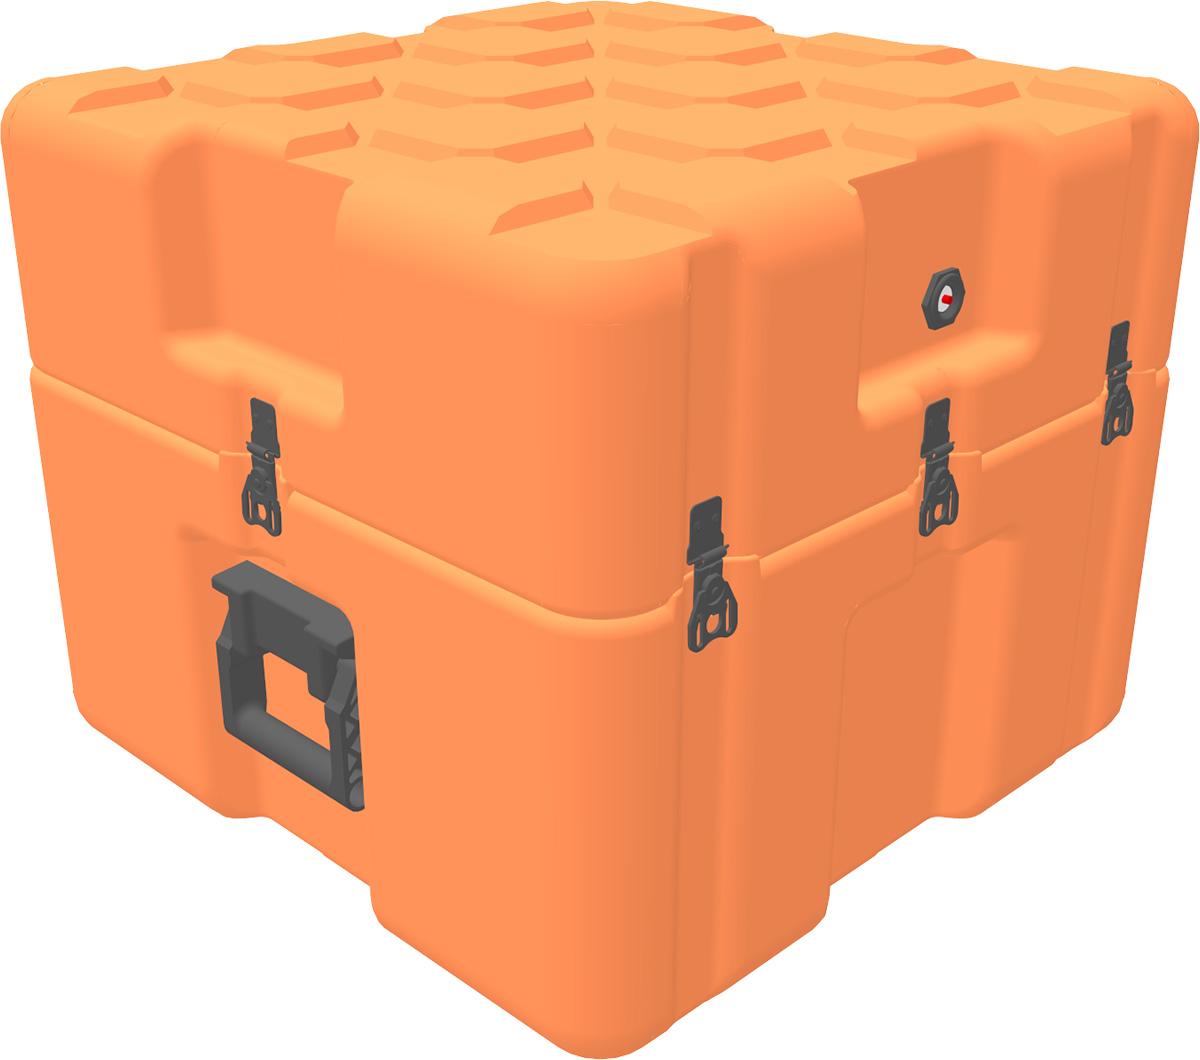 peli eu060060 3020 isp2 shipping case